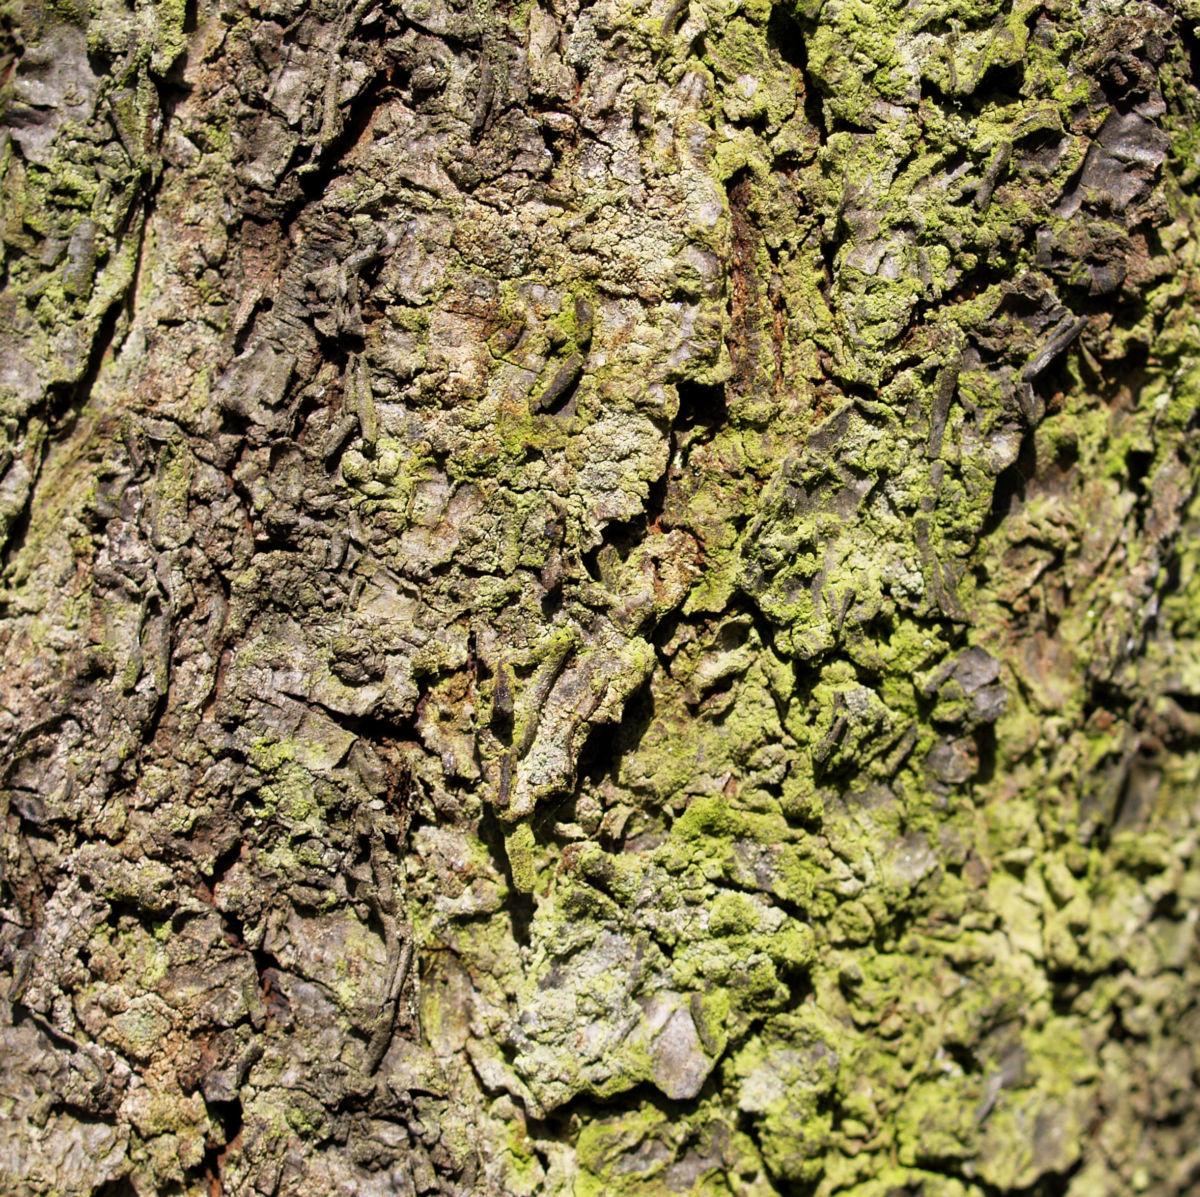 Vogel Kirsche Rinde braeunlich Prunus avium